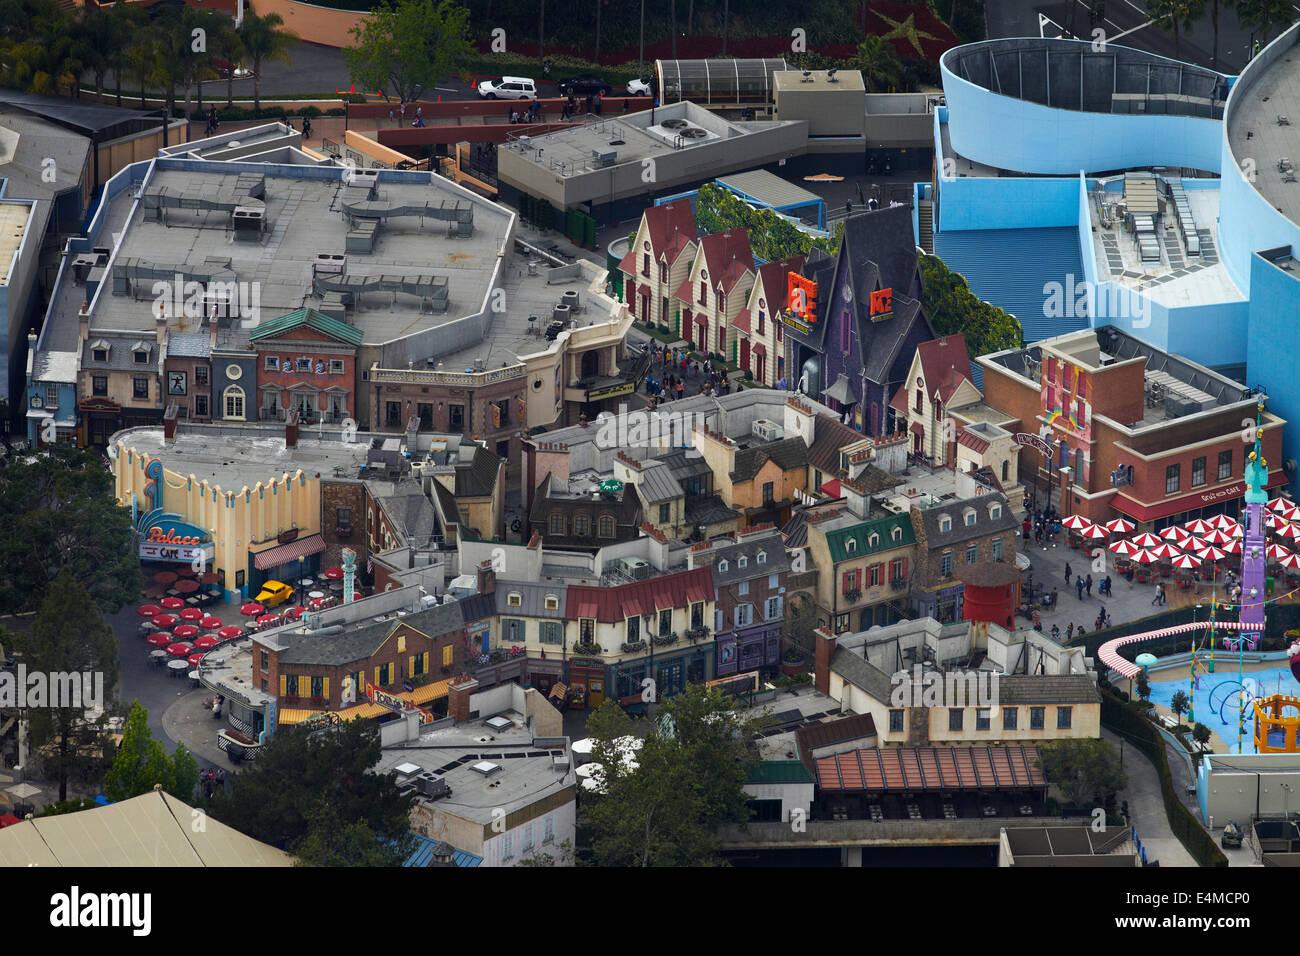 Juegos De Pelicula En Universal Studios Hollywood Los Angeles